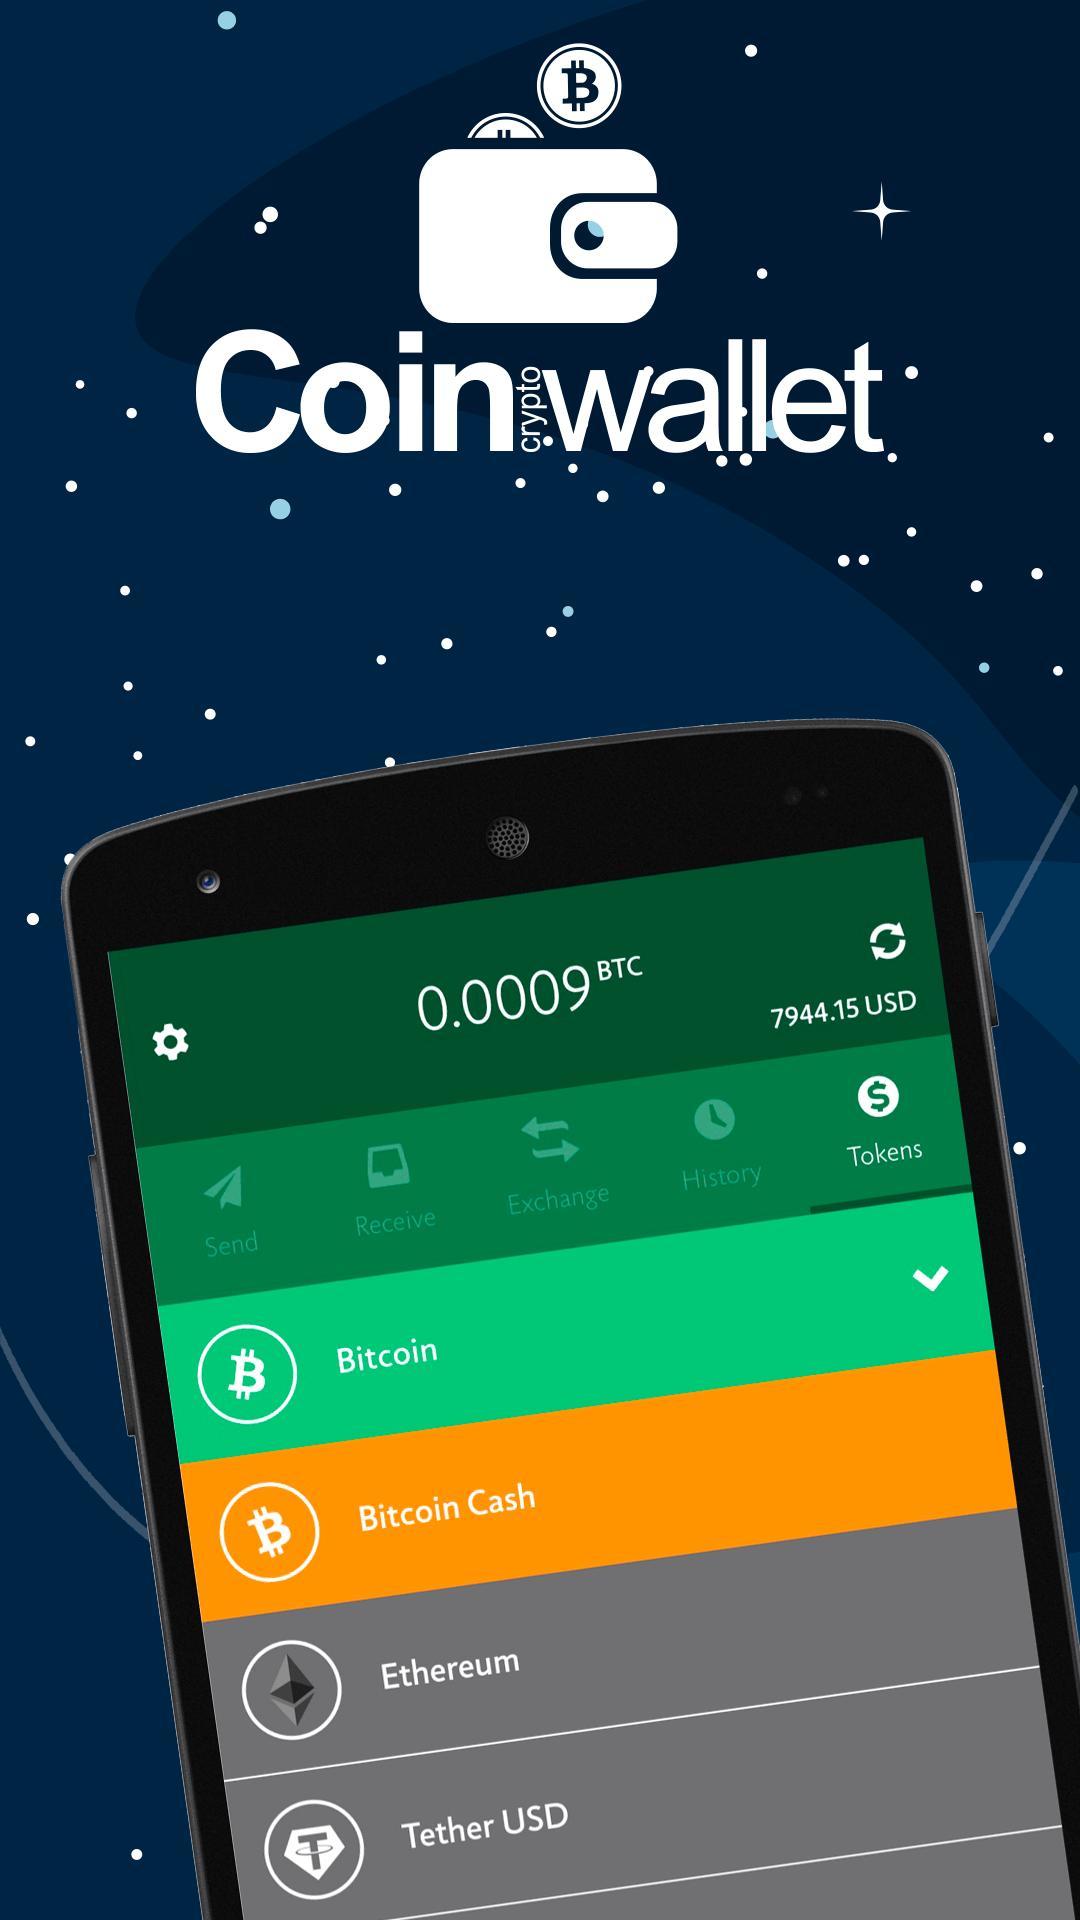 Parsisiųsti Finance APK Android greitai ir saugiai Apps nemokamai.